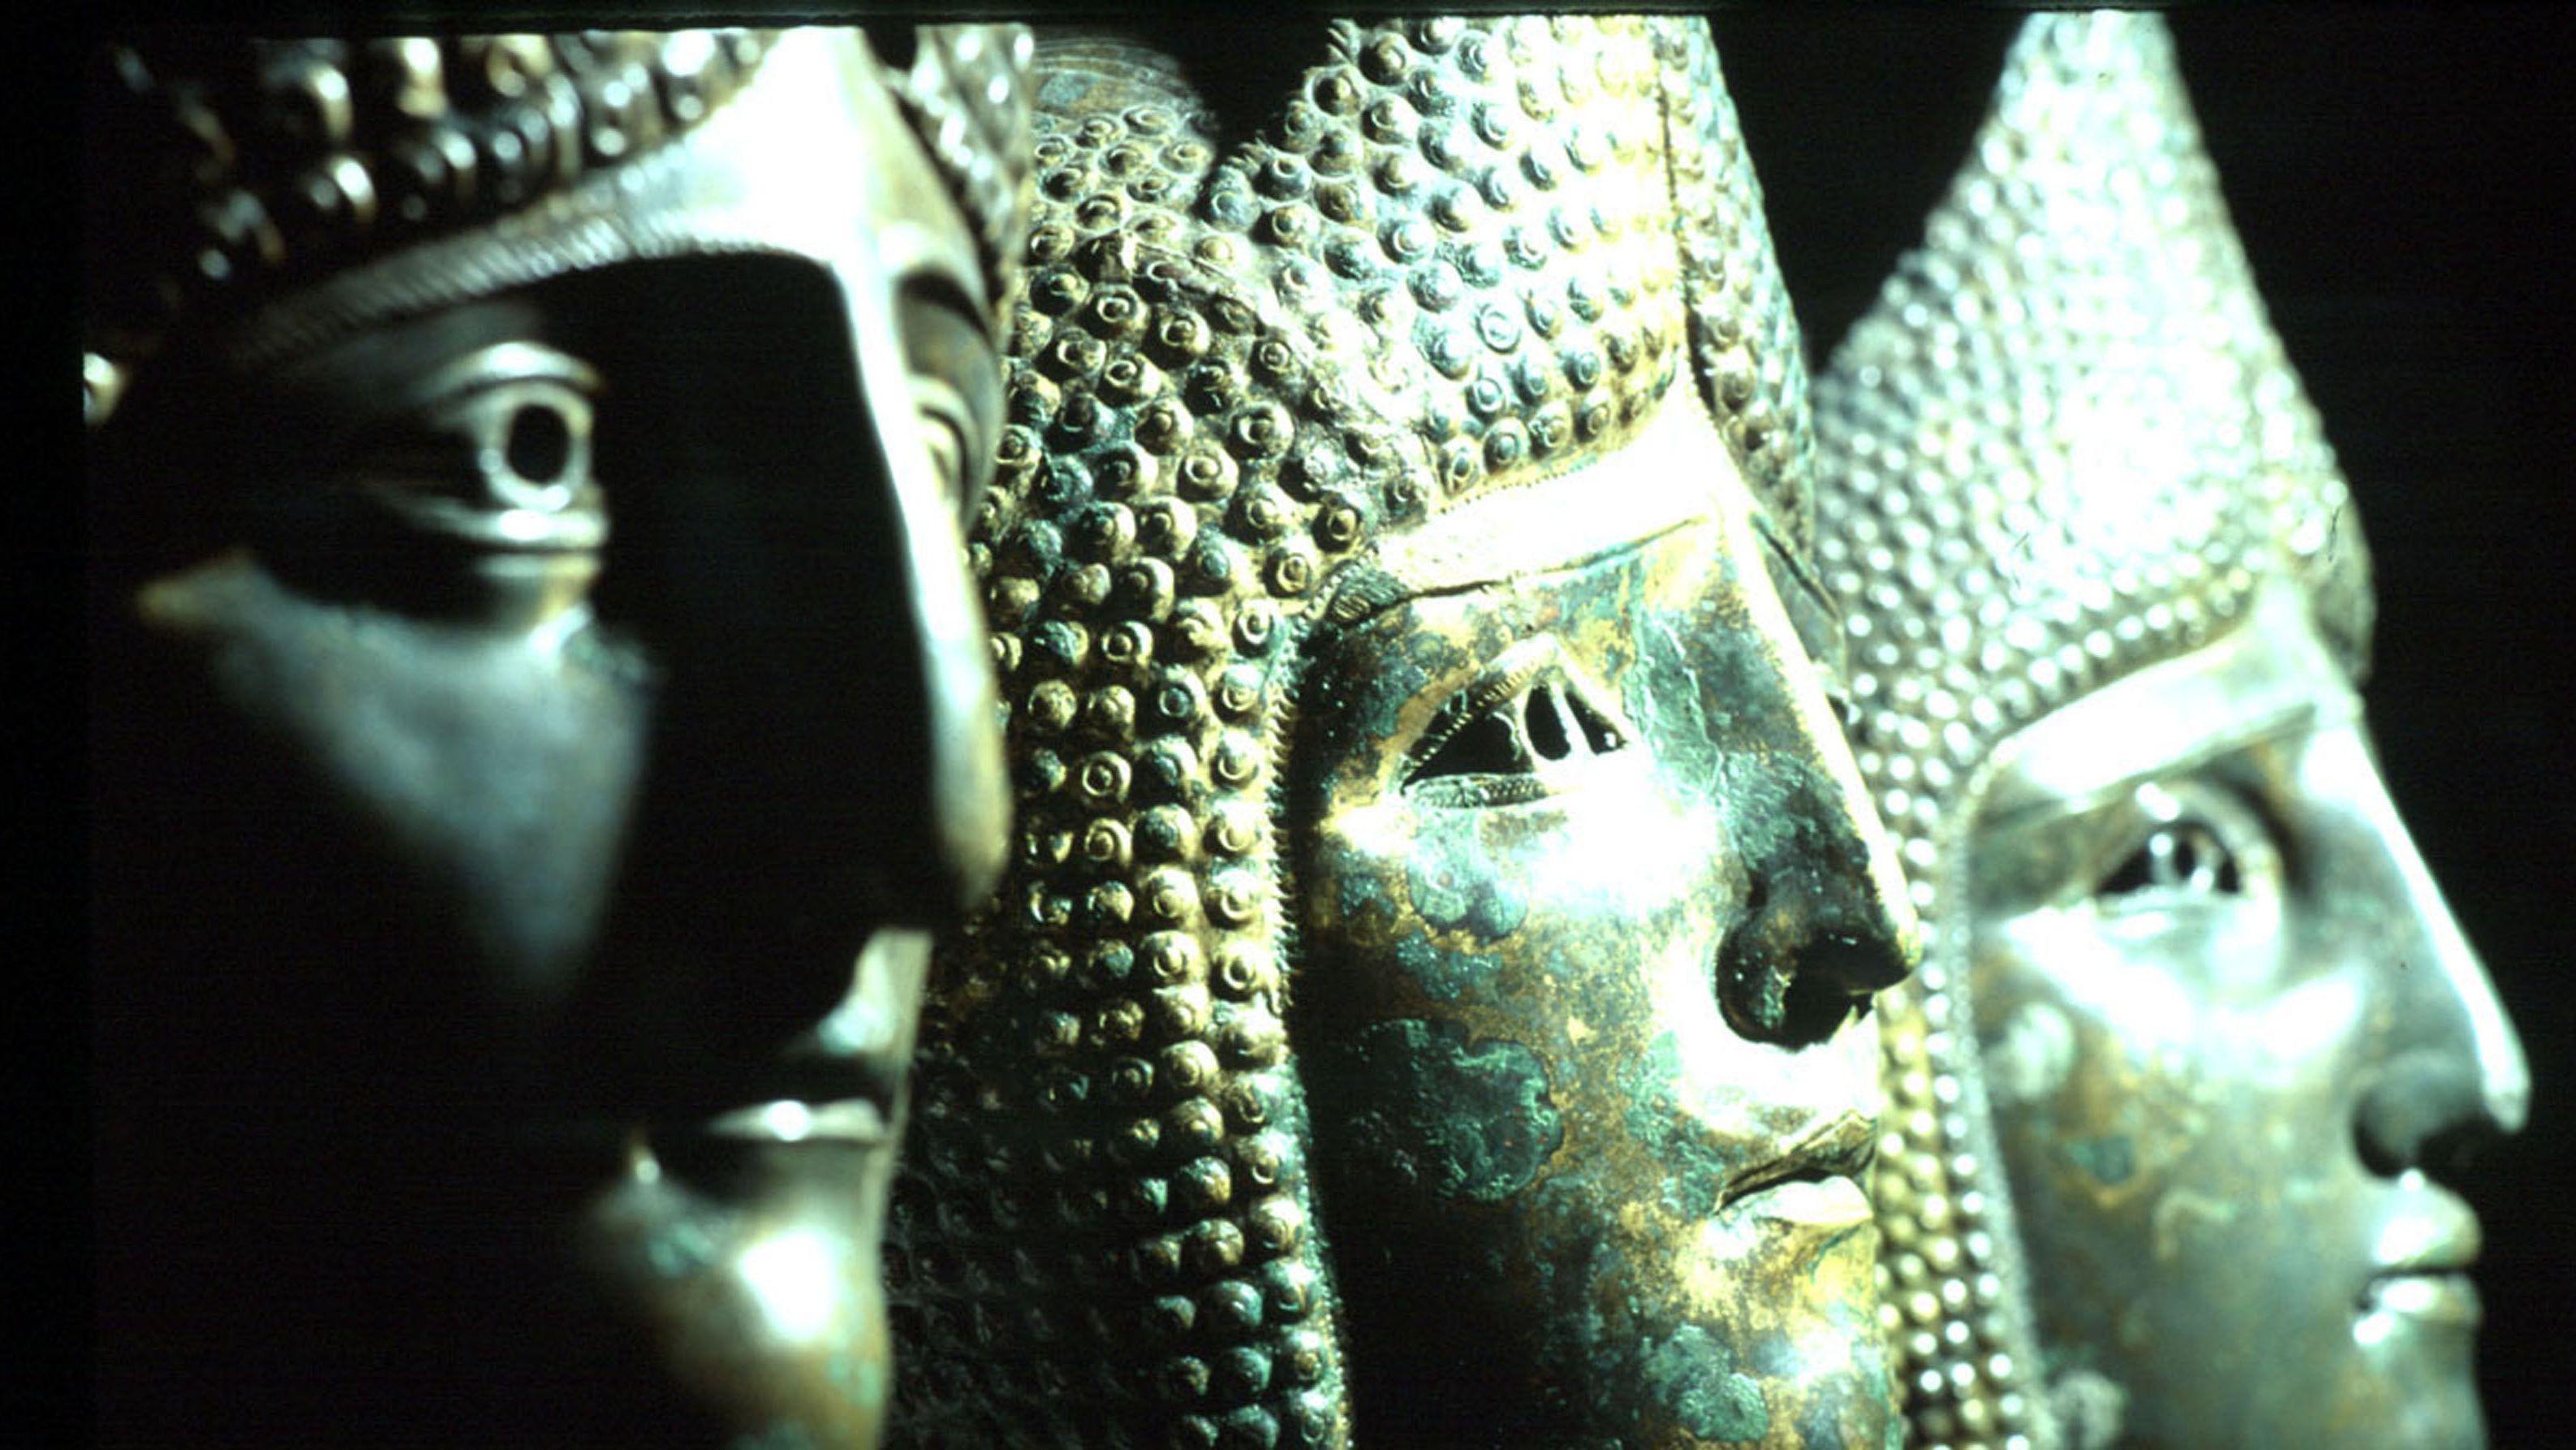 Römermasken, ausgestellt im Gäubodenmuseum Straubing